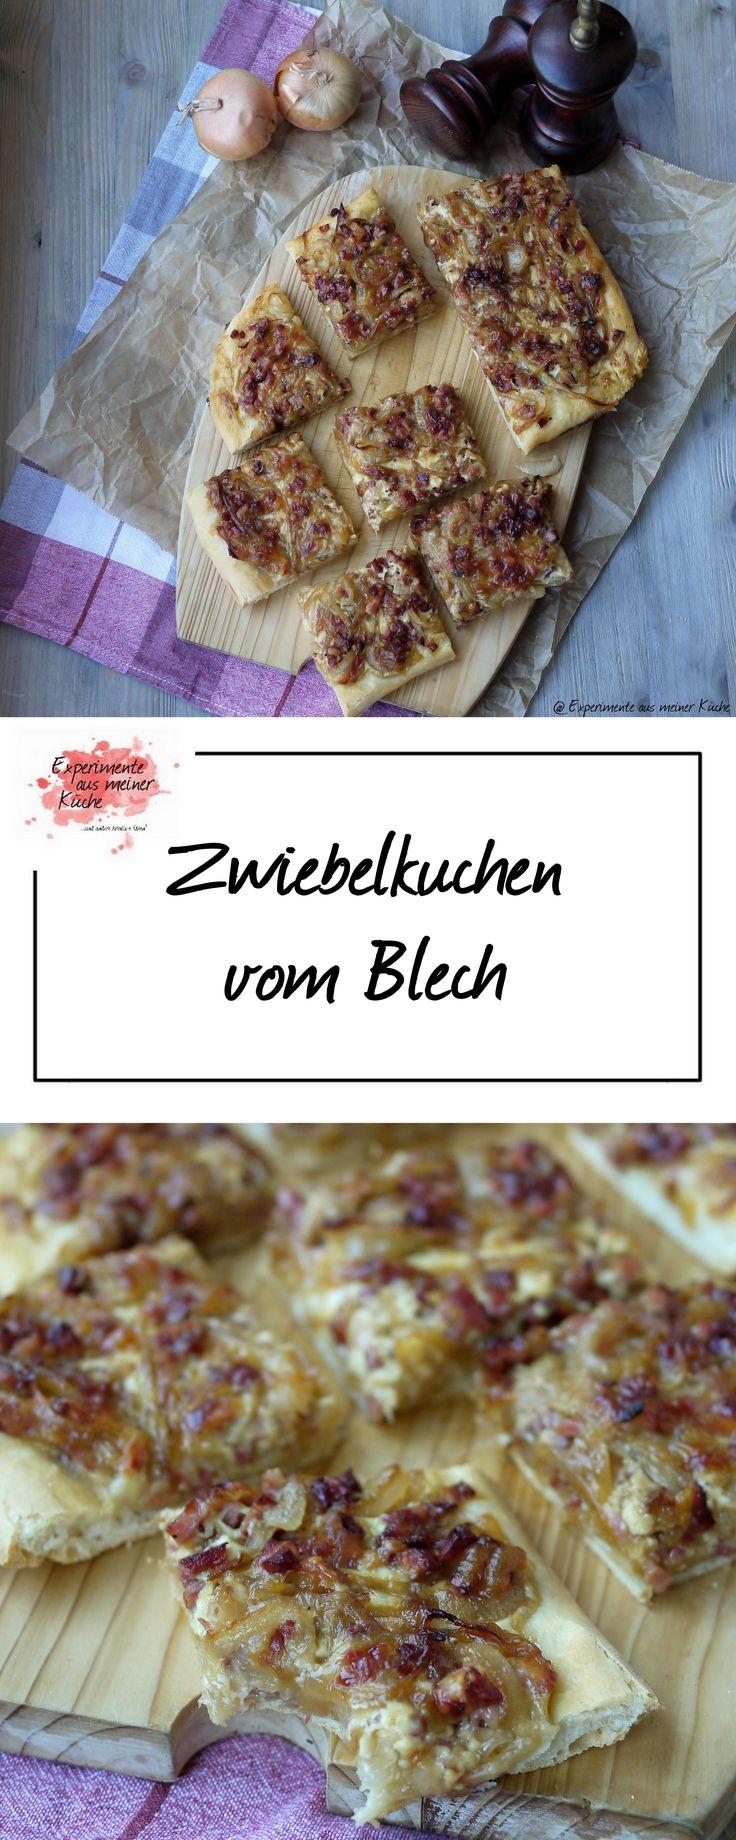 Zwiebelkuchen vom Blech | Rezept | Essen